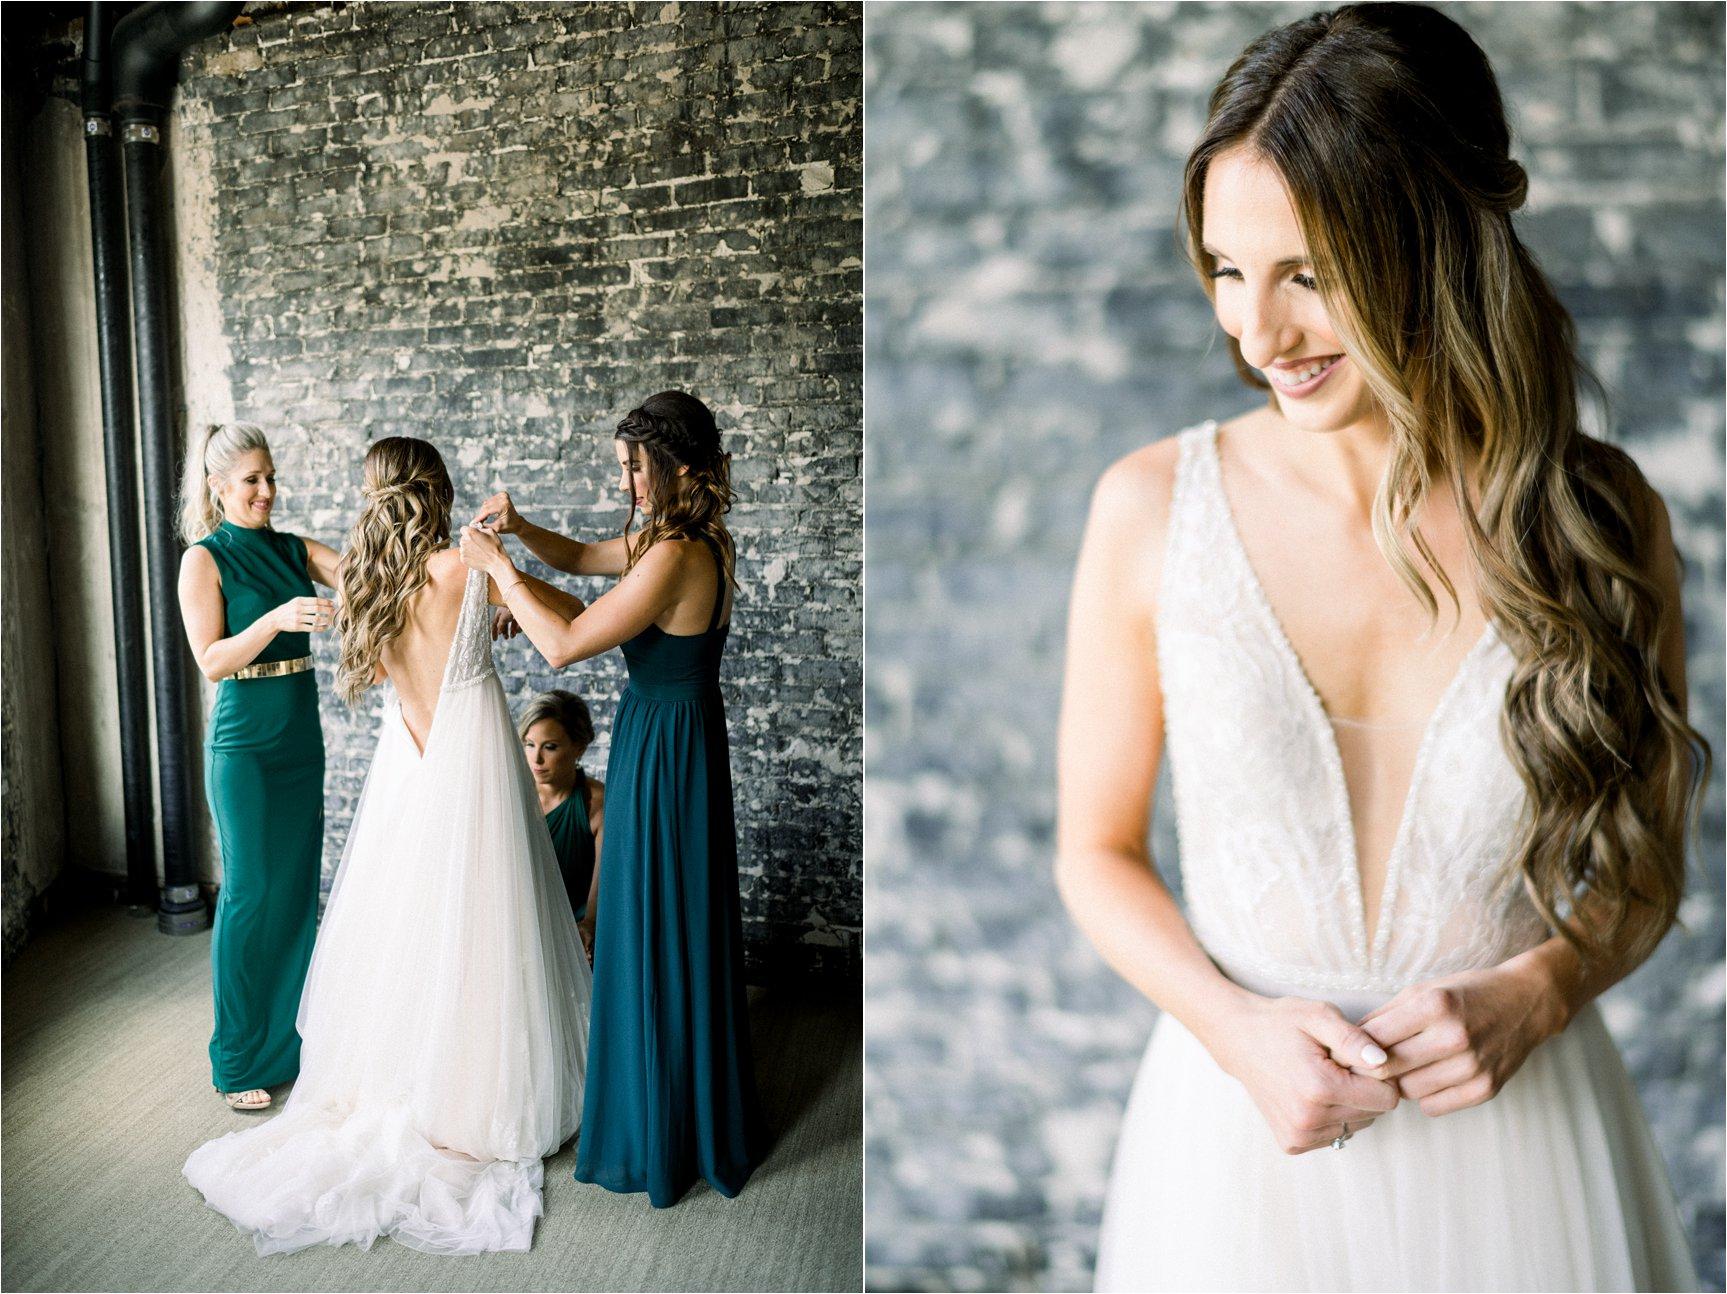 Oxford_Exchange_Wedding_Tampa124.JPG